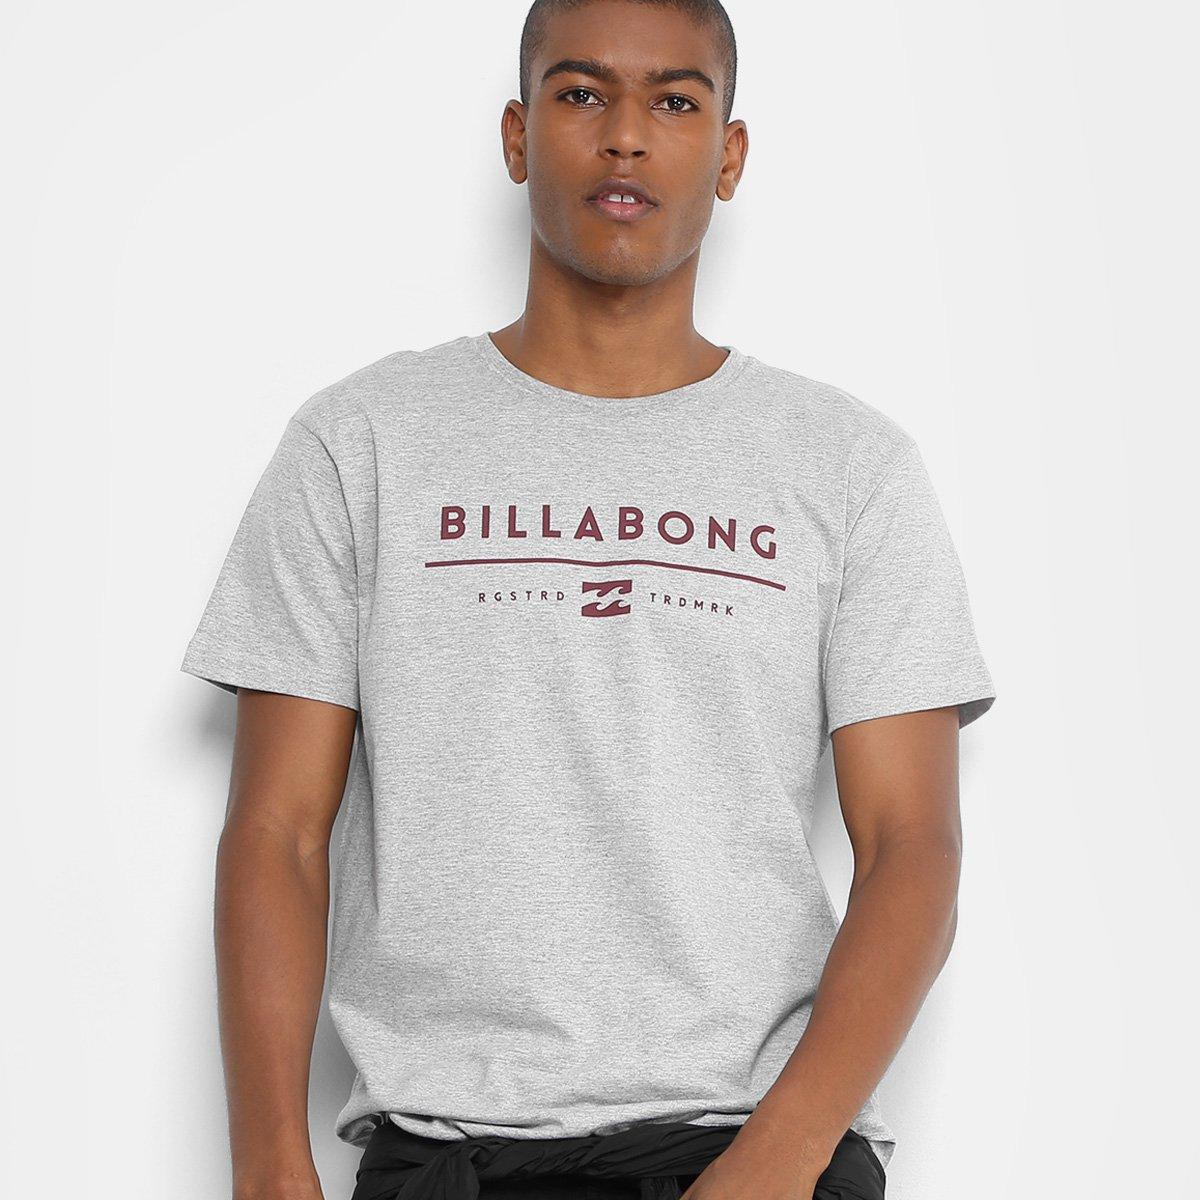 8c9d354c8d Camiseta Billabong Unity Masculina - Cinza - Compre Agora